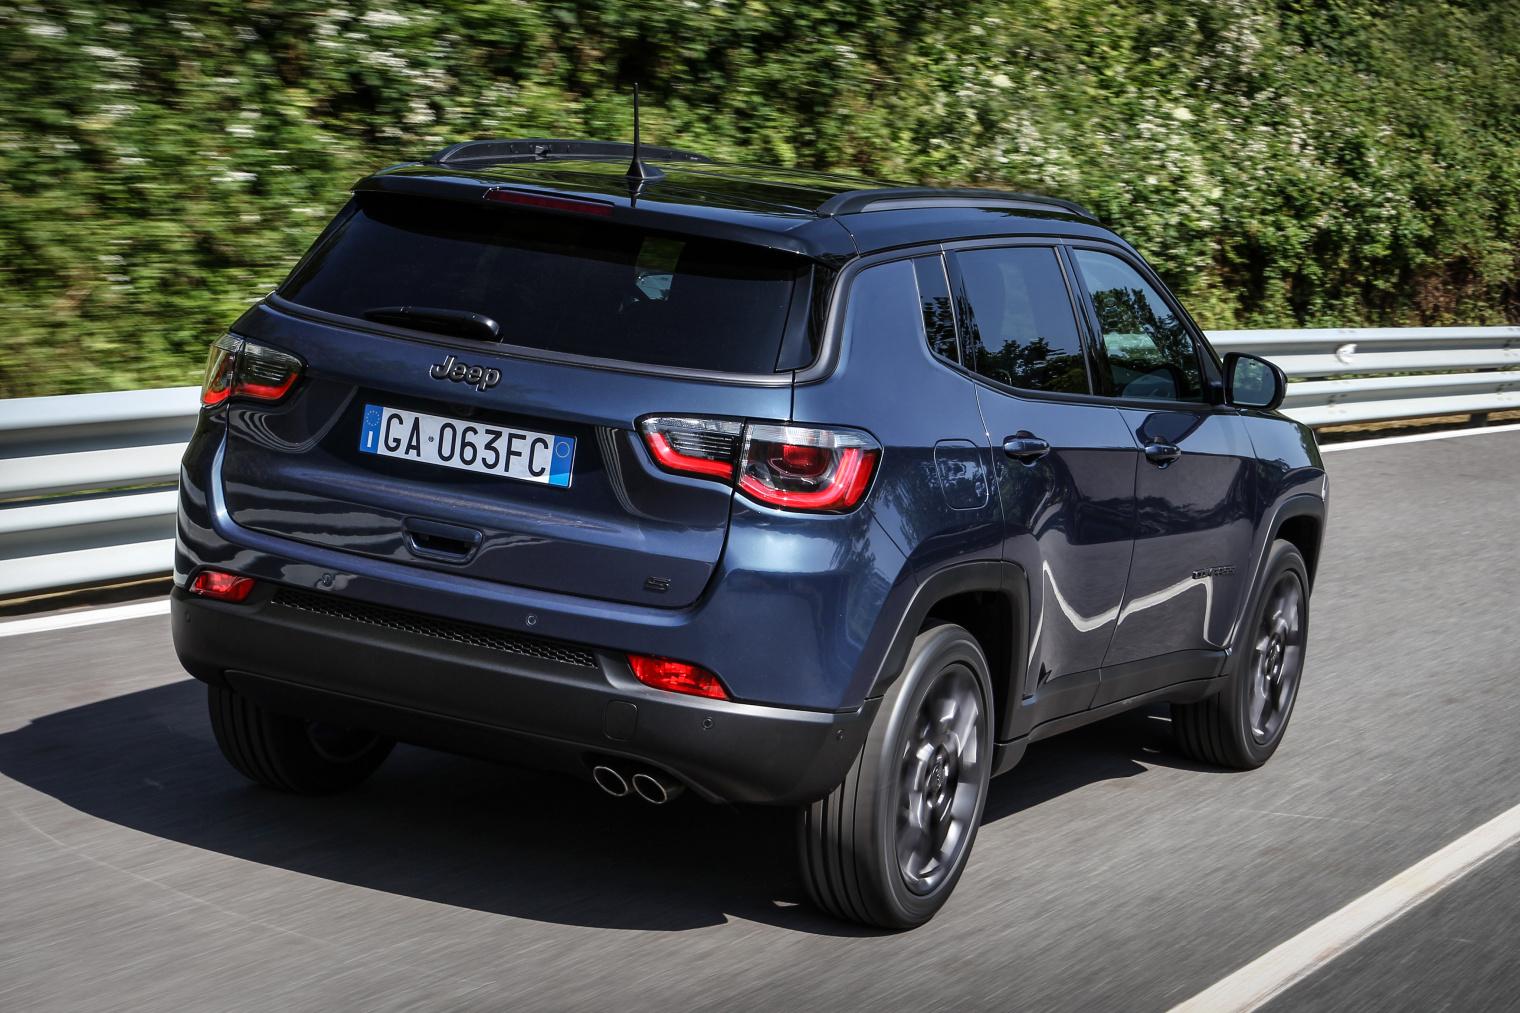 Nuova Fiat Uno, possibile debutto nel 2022: ecco come